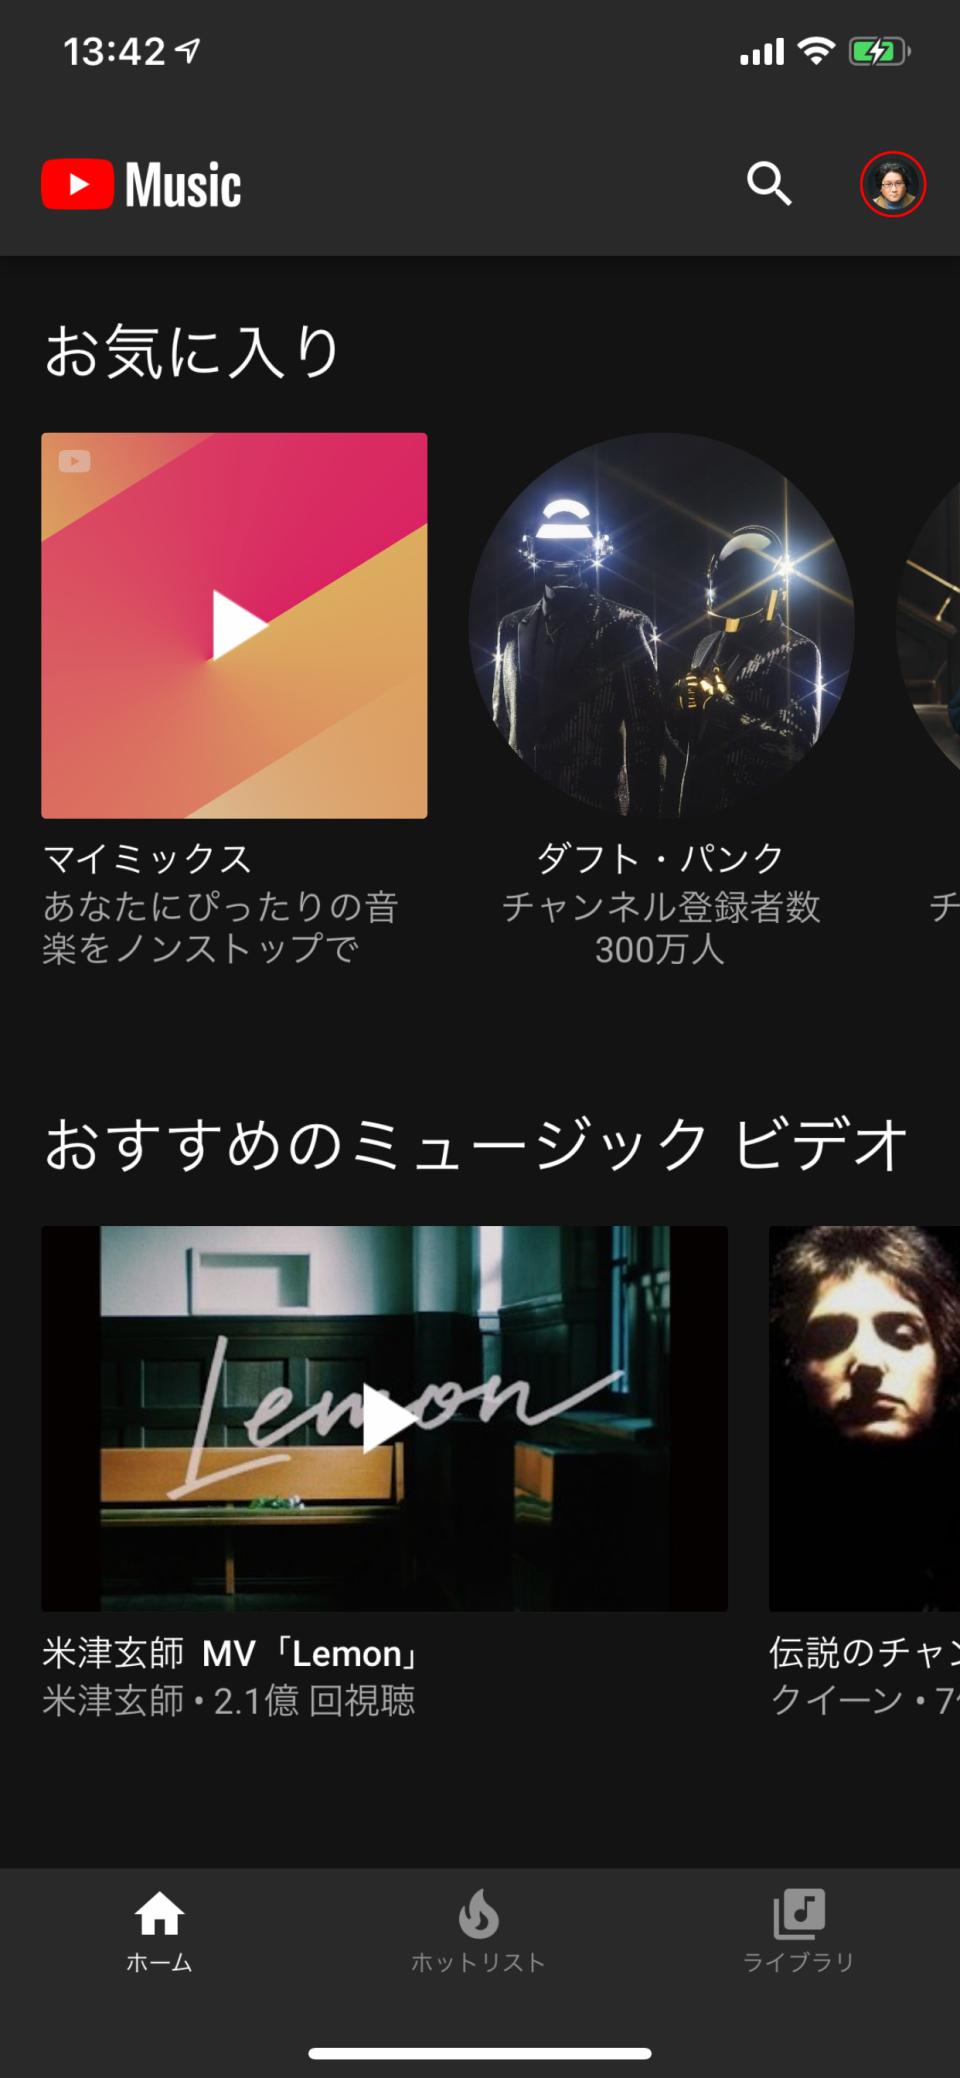 西田宗千佳のトレンドノート:「YouTube Music」は日本の音楽を救うのか 3番目の画像